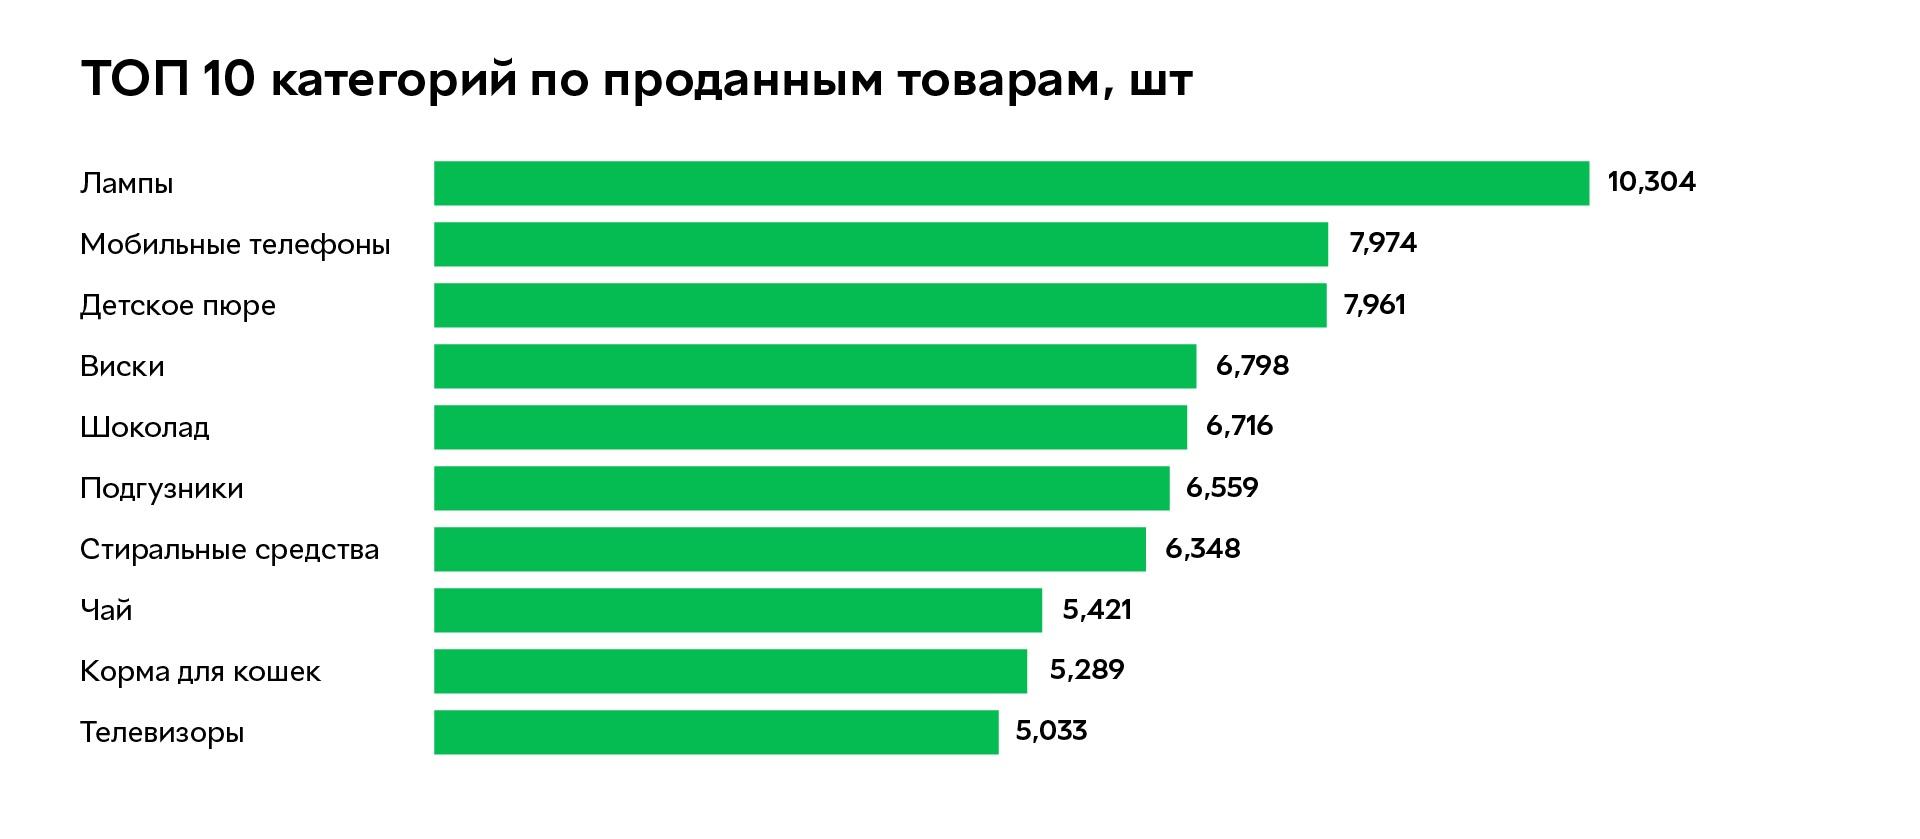 ТОП 10 категорий по проданным товарам интернет-магазина «Розетка»